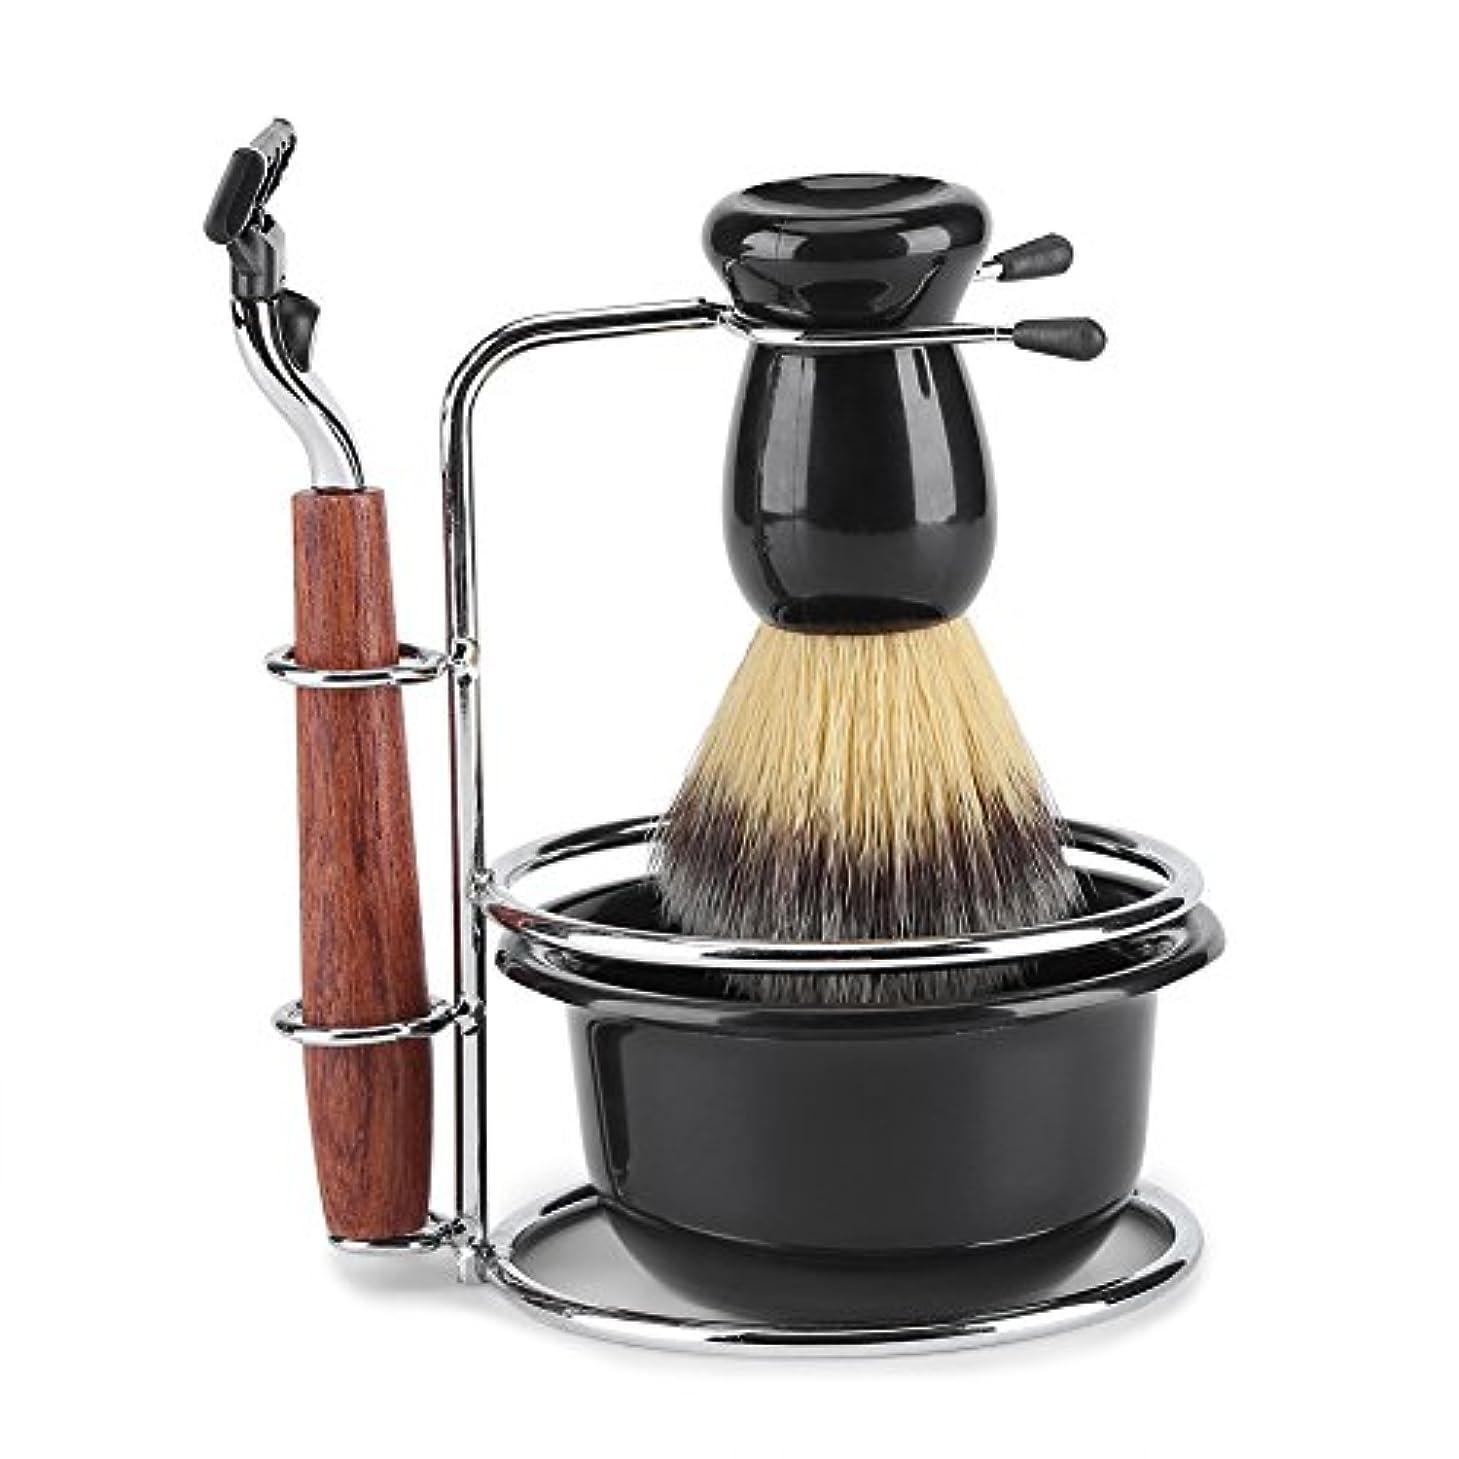 カーフ印象的ソフトウェアシェービングキット 4-in-1 ひげ剃りツールセット マニュアルスタンドホルダー ウェットシェービングキット ステンレススチール